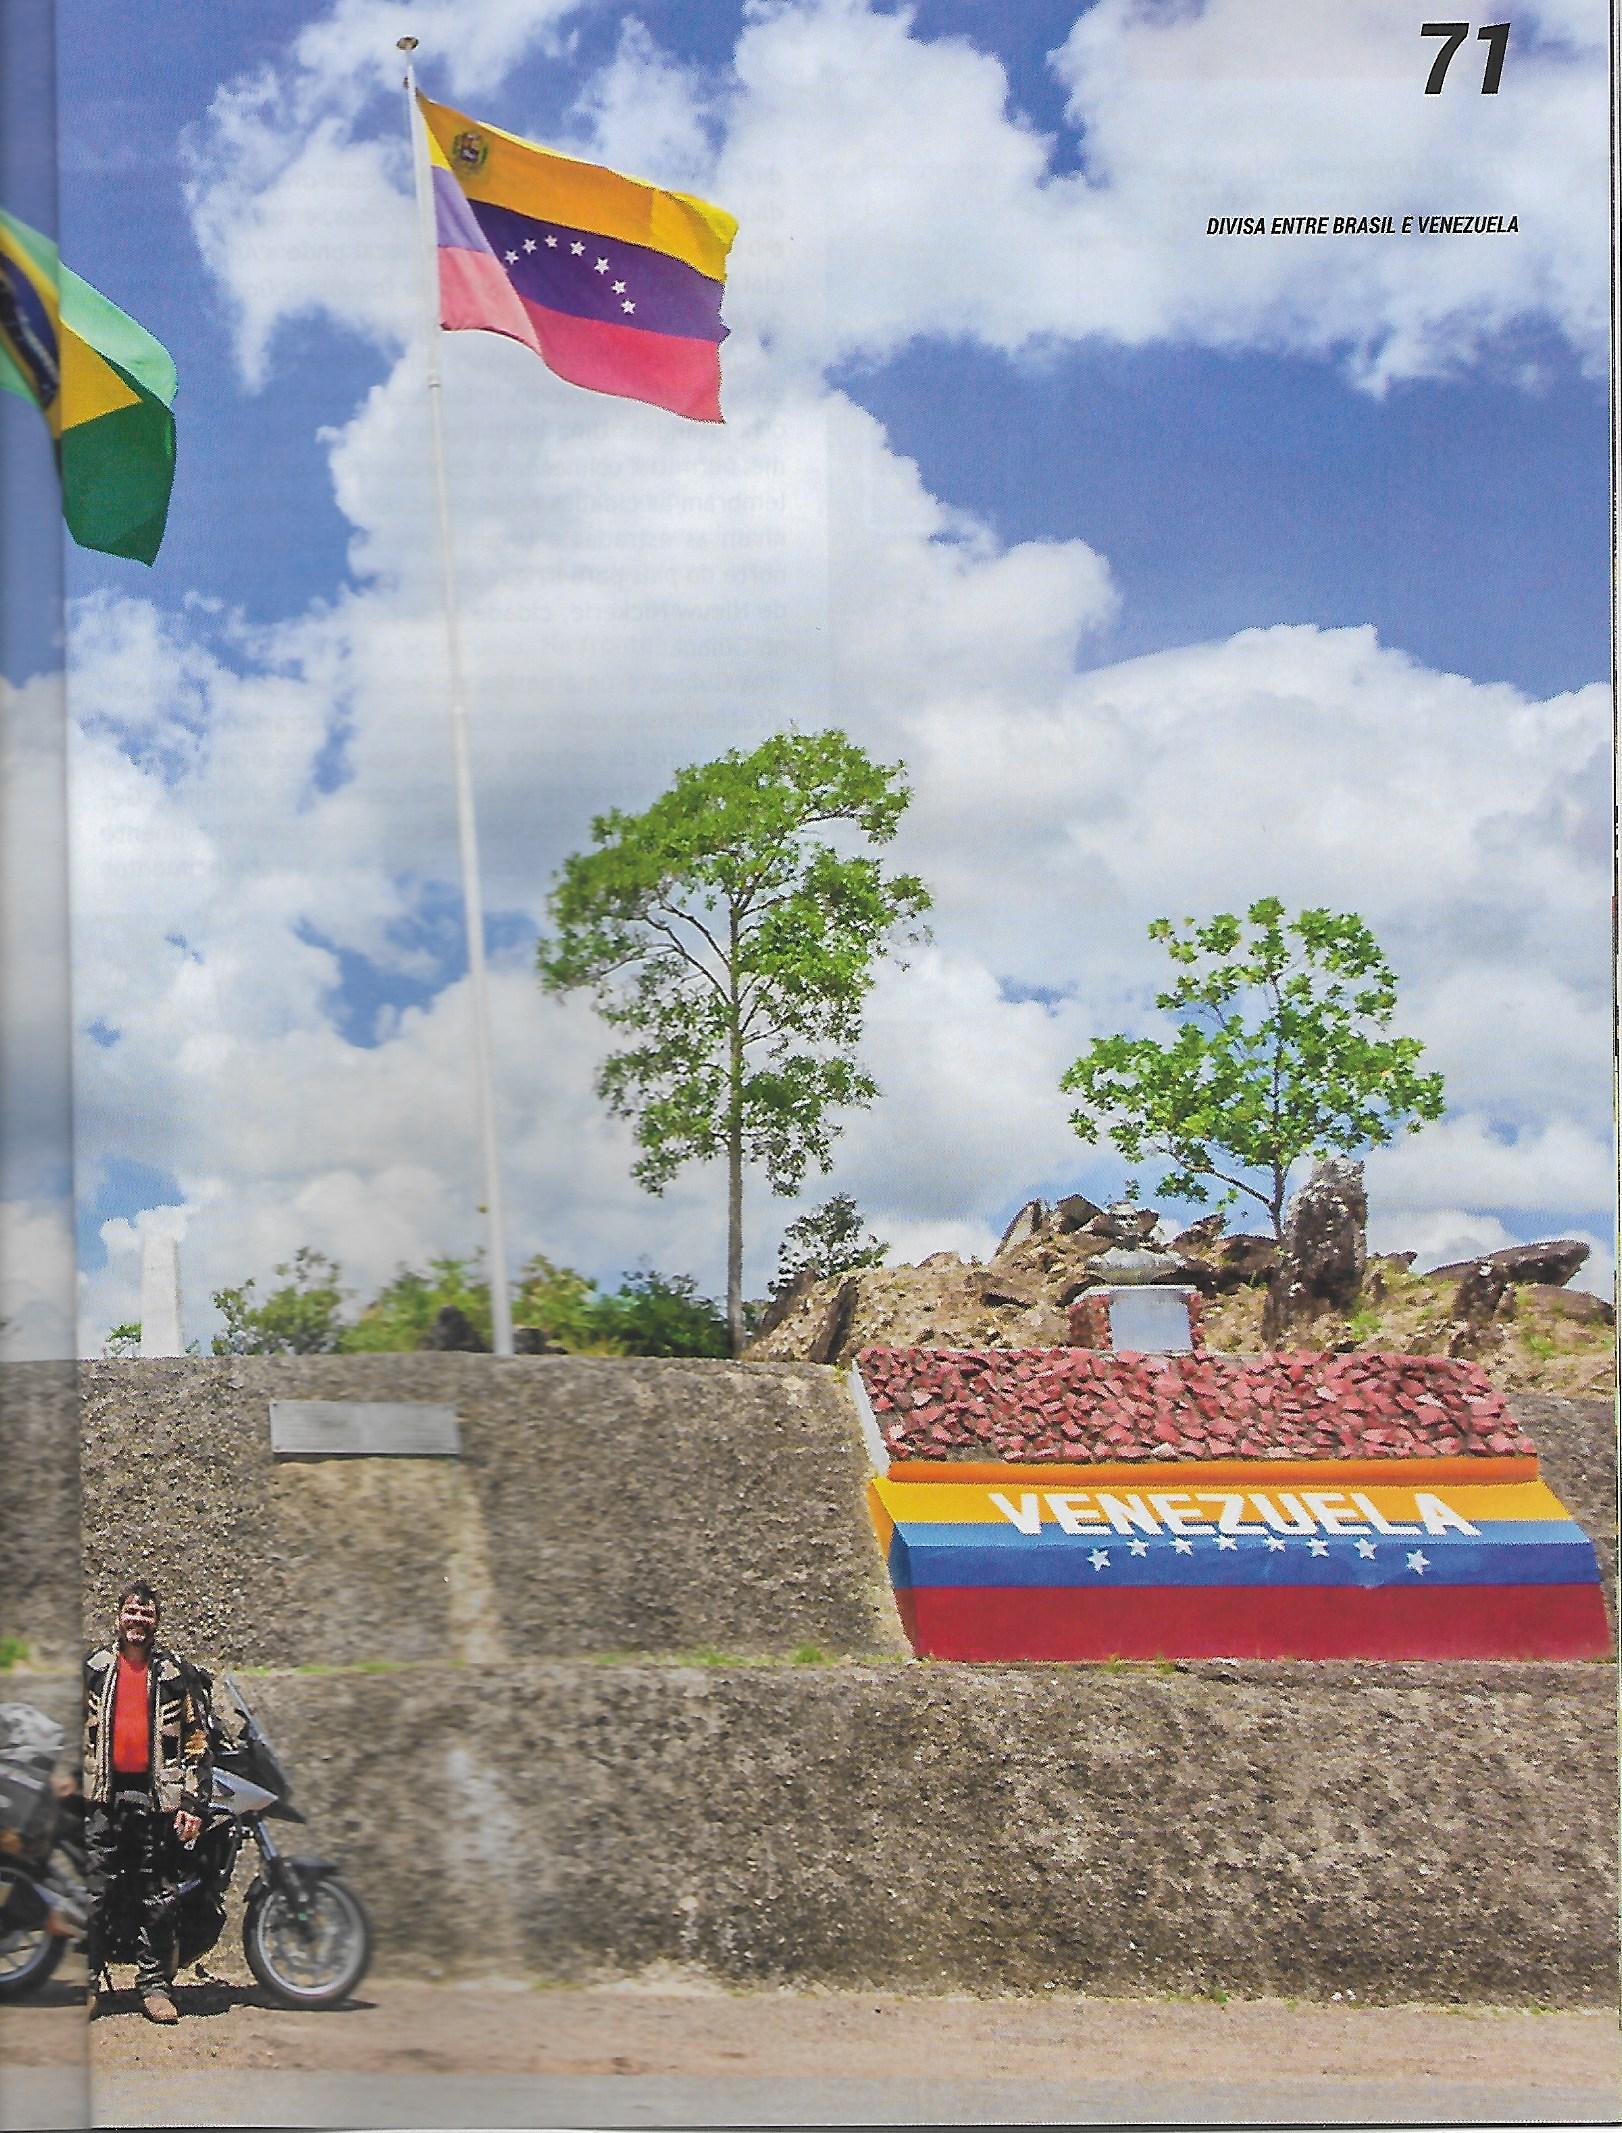 Revista Duas Rodas - Viagem de Moto